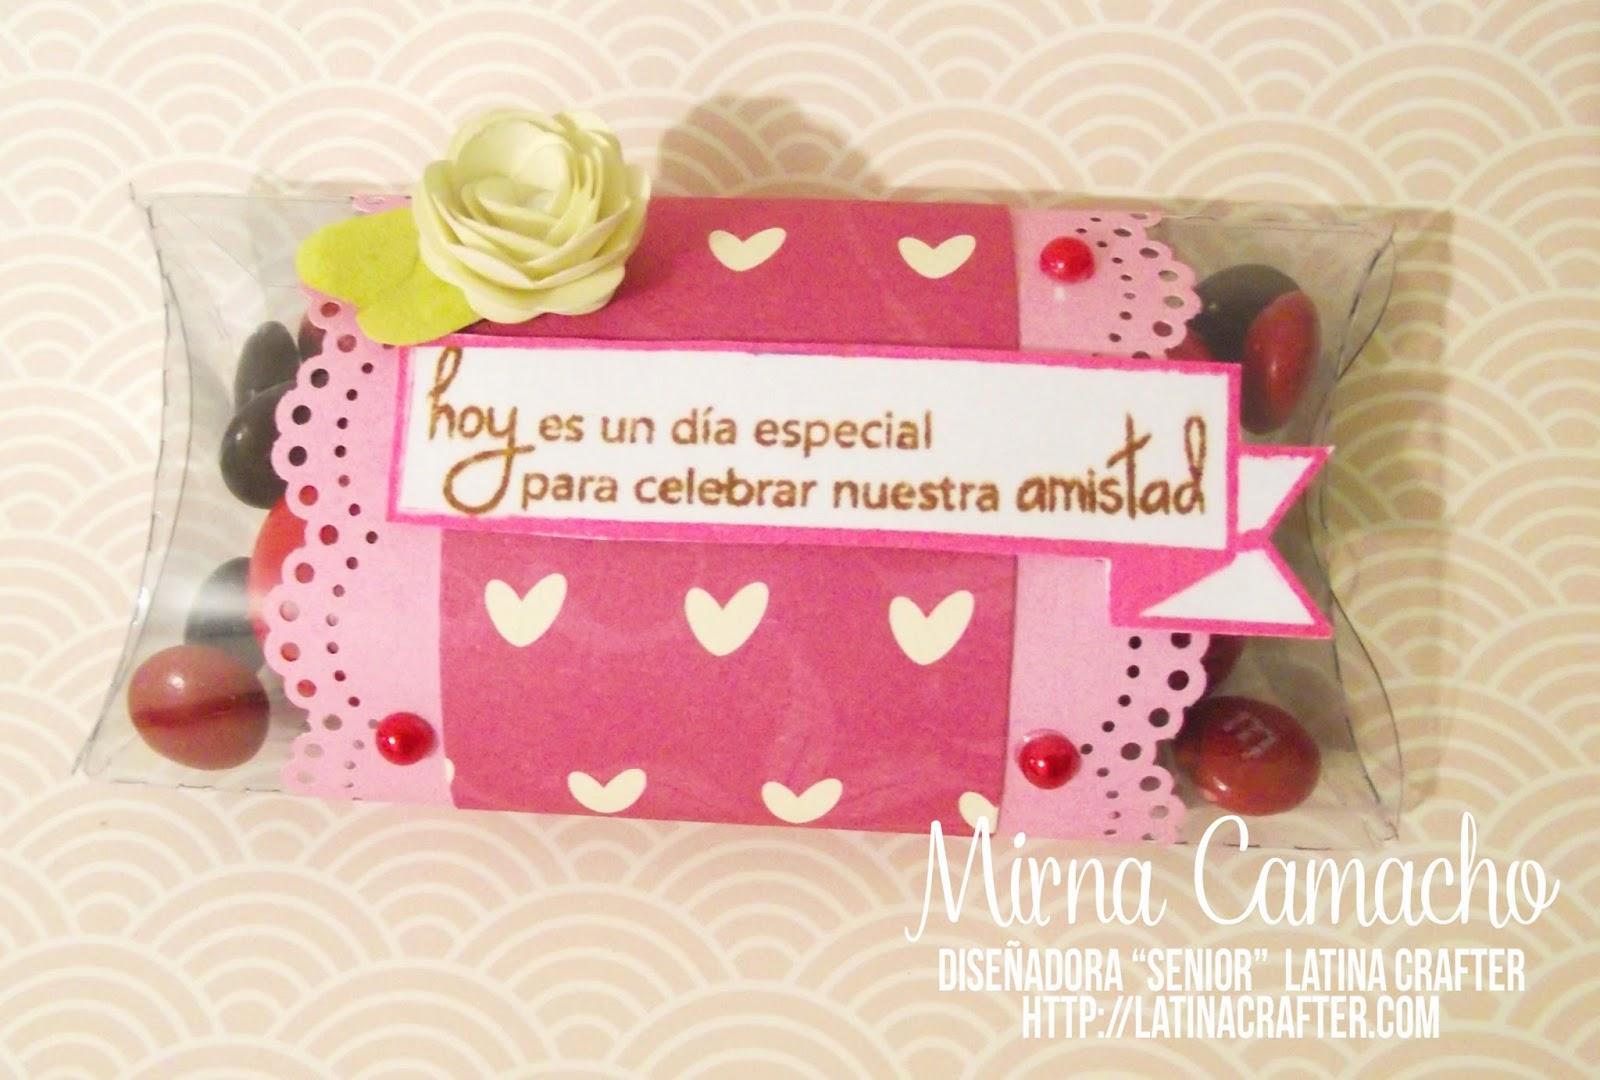 Latina crafter sellos en espa ol hoy es un d a especial - Regalos faciles y rapidos ...